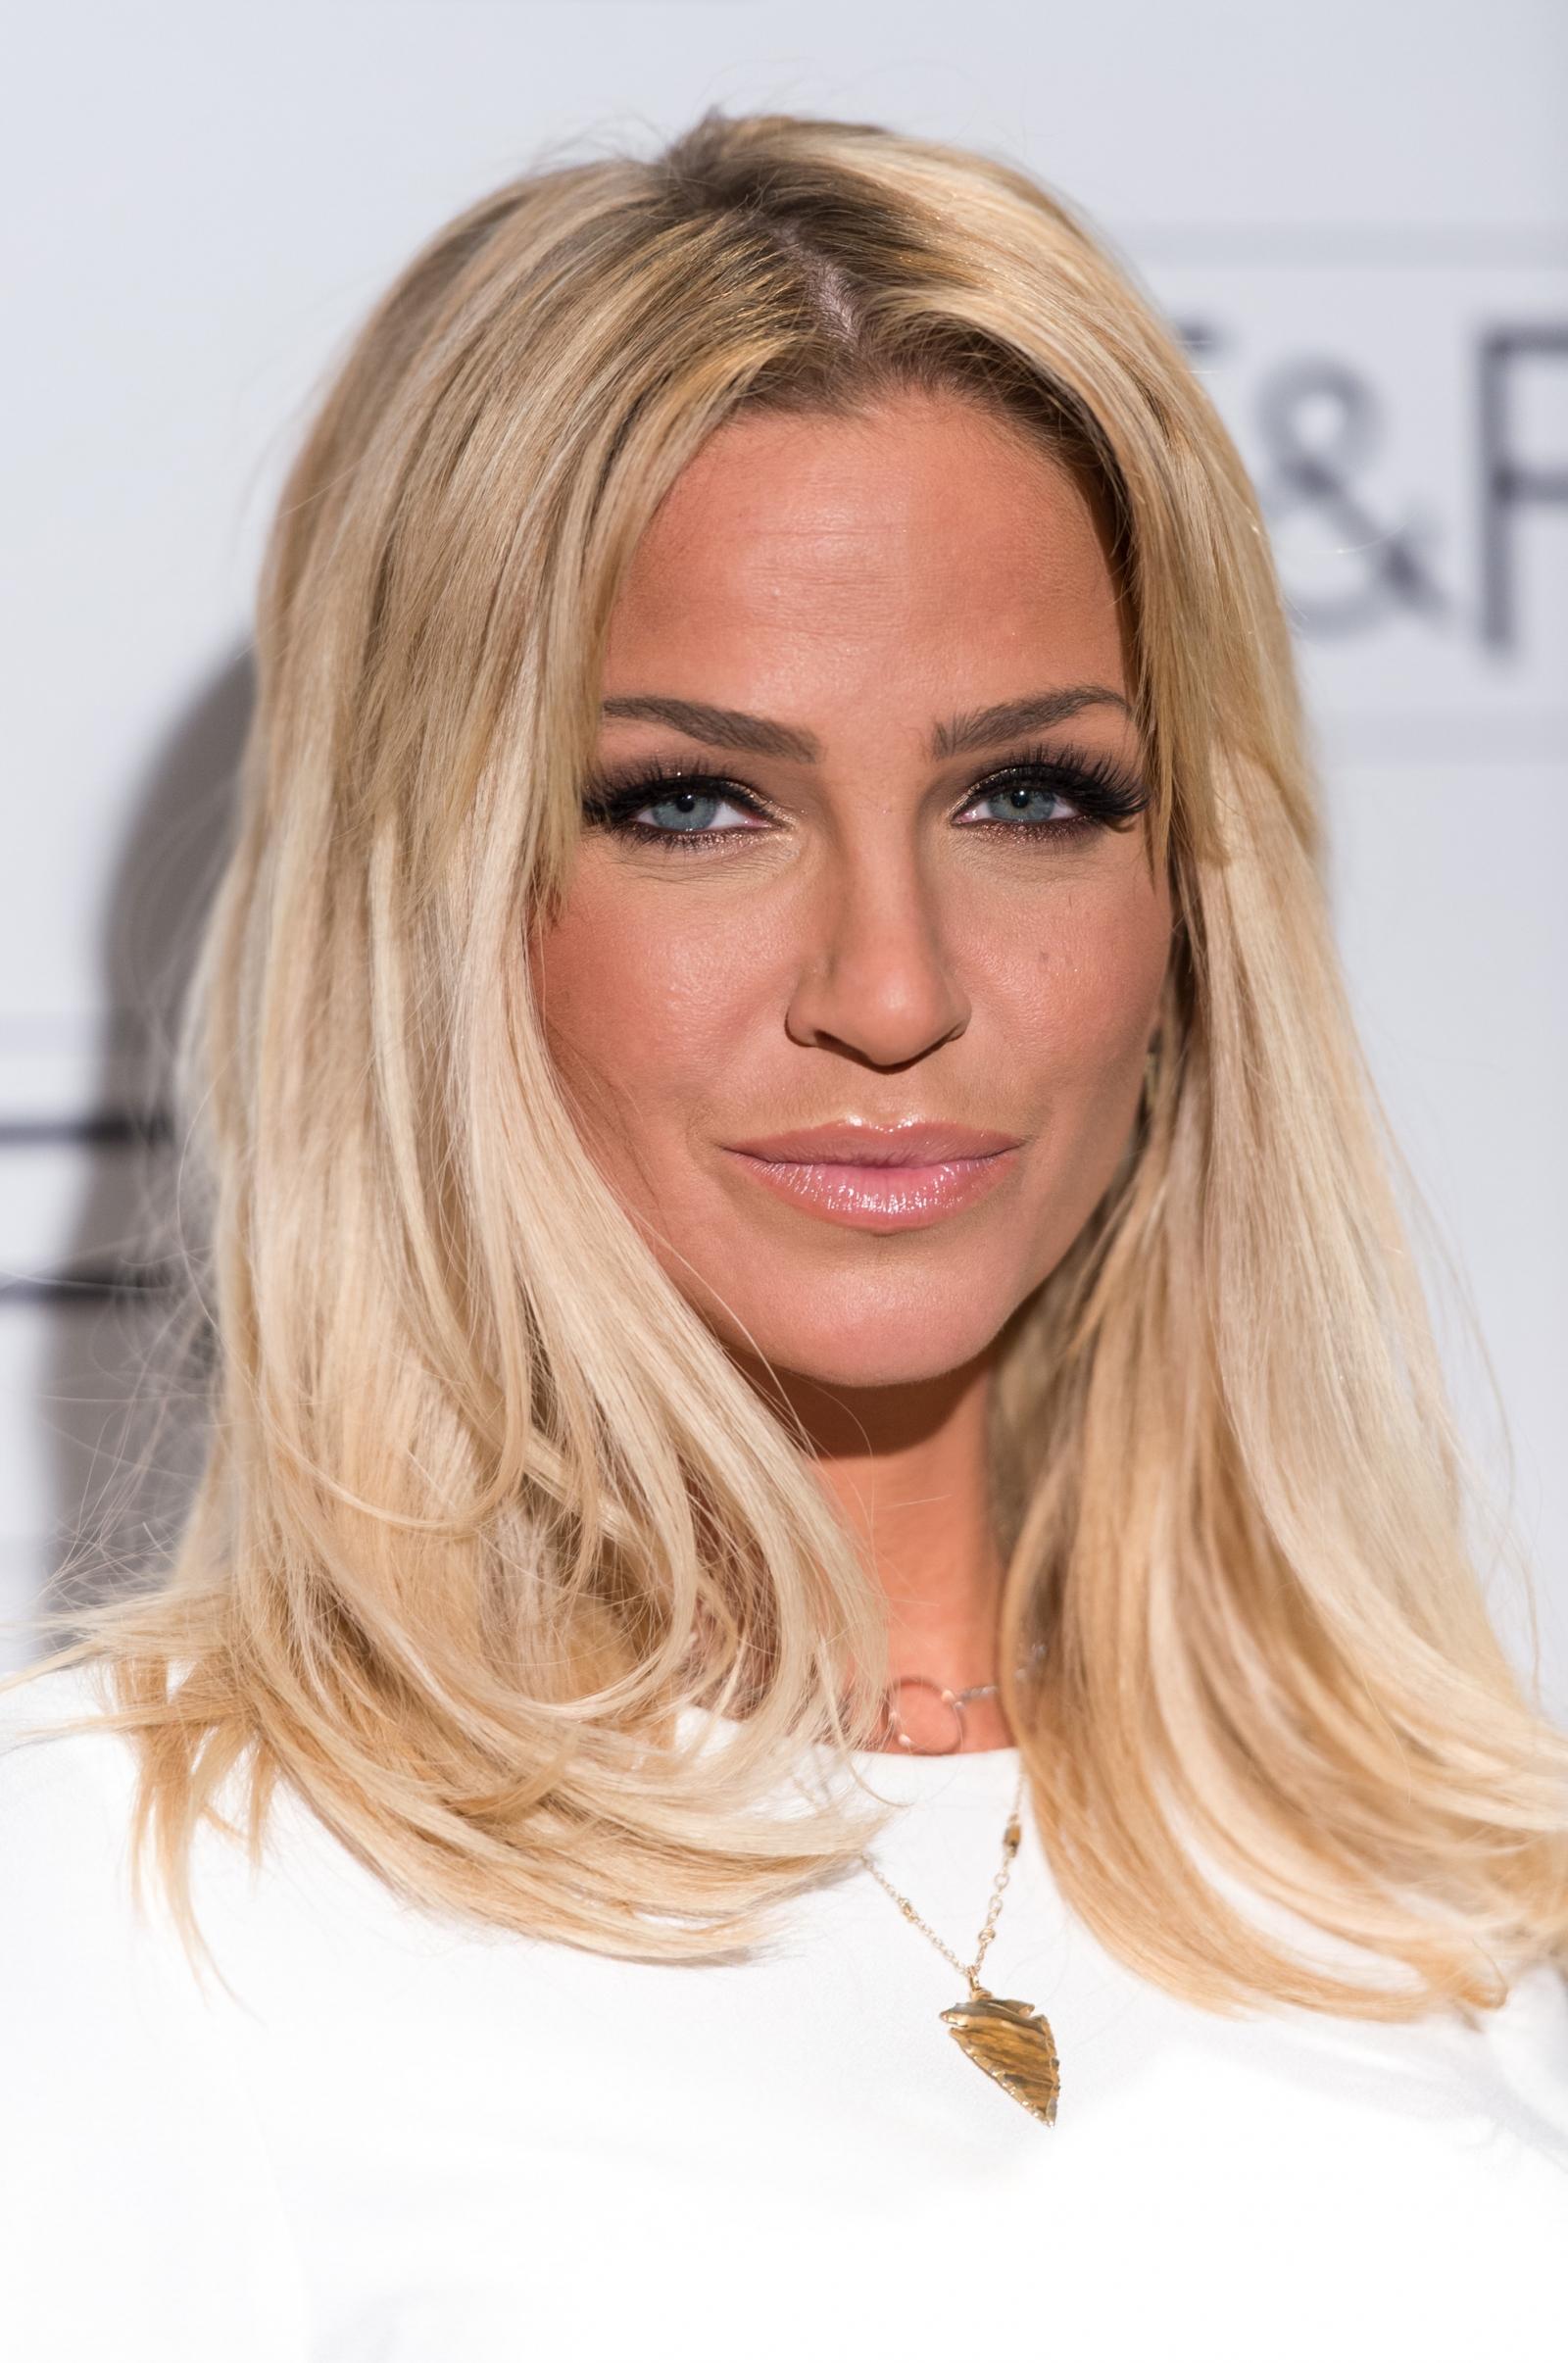 Sarah harding miming coronation street actress ridiculed for awful